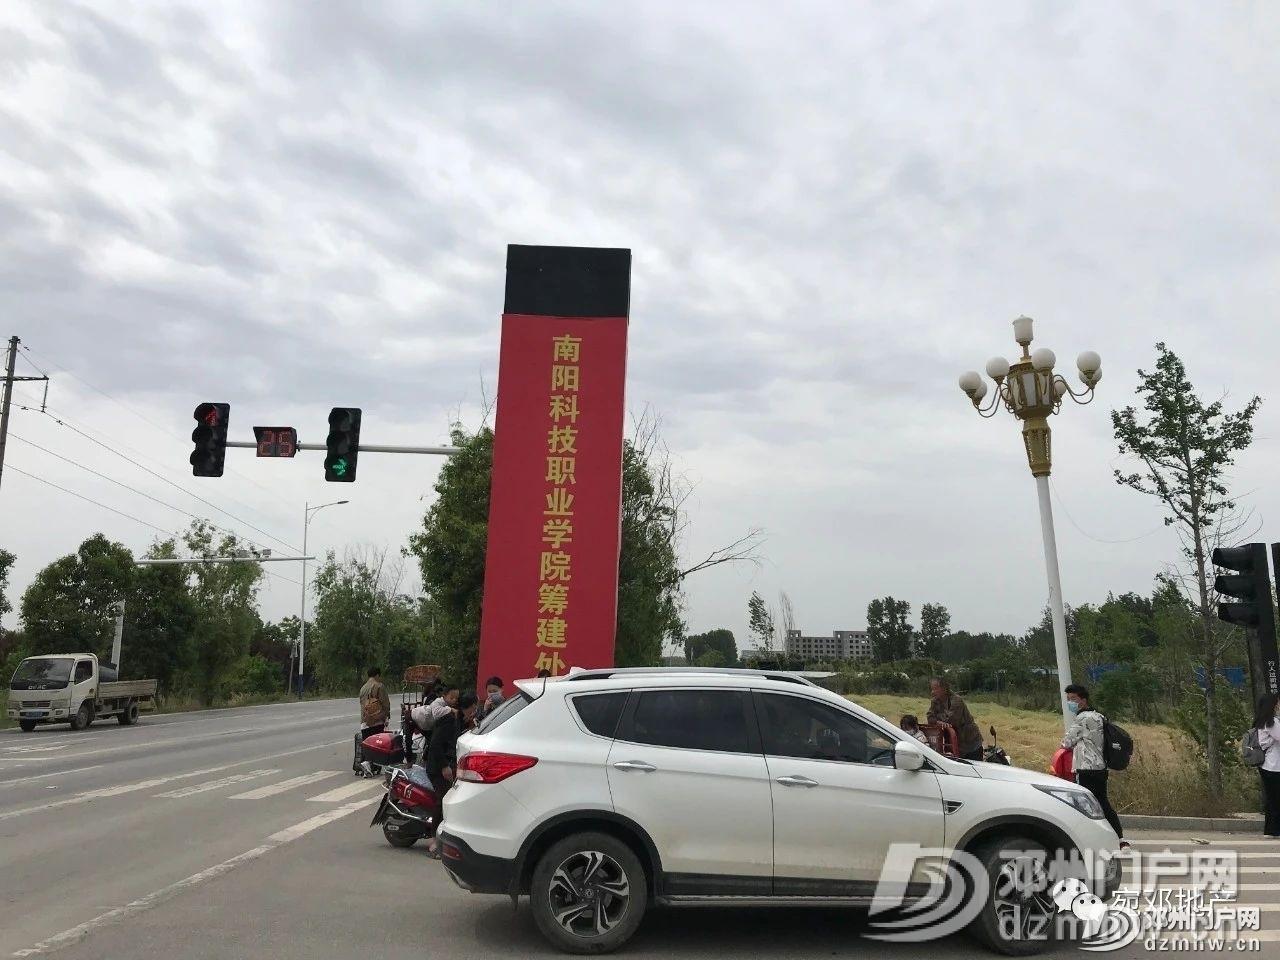 邓州第一所大学正式复学啦,人事管理也有大调整 - 邓州门户网|邓州网 - a47d613c17181fb395115c3e7379aa6a.jpg